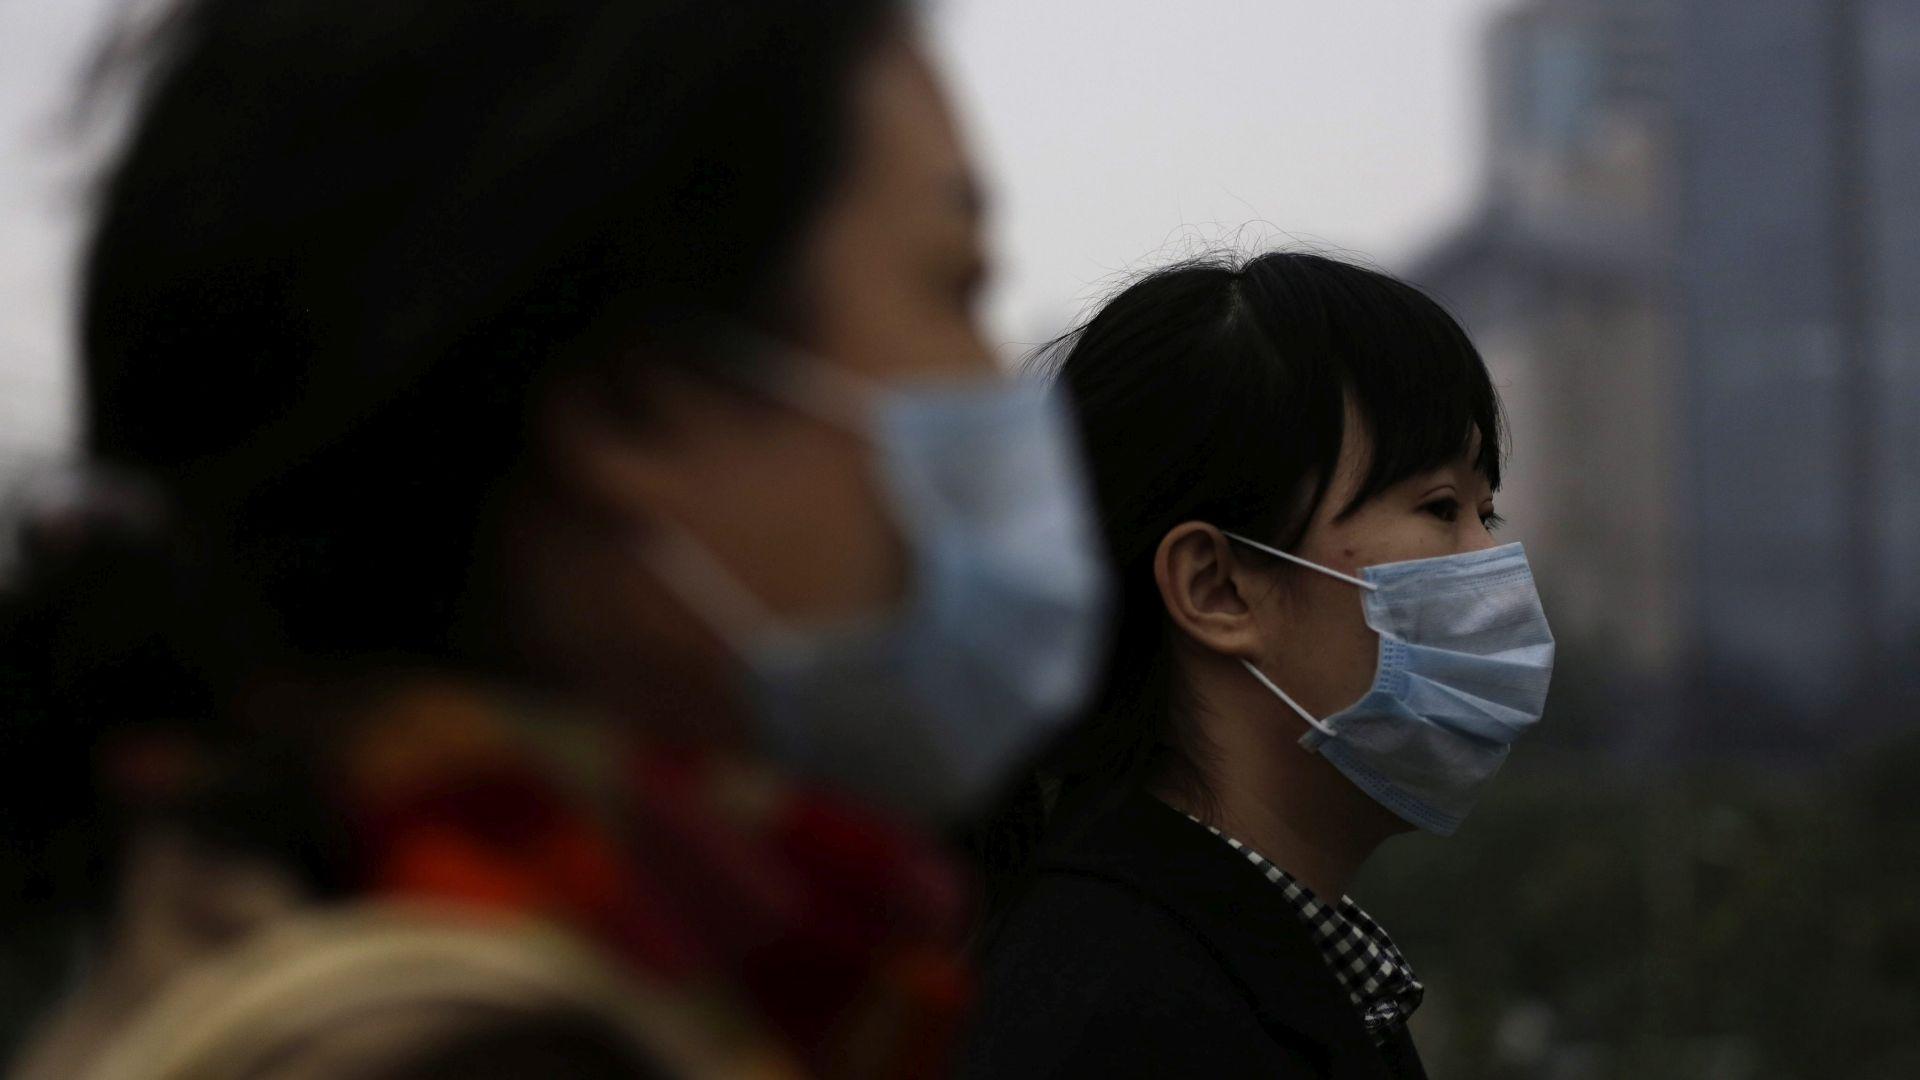 'NE IZLAZITE VAN' Najgori smog ove zime prekrio Peking, razine zagađenja 20 puta premašile sigurnosni limit